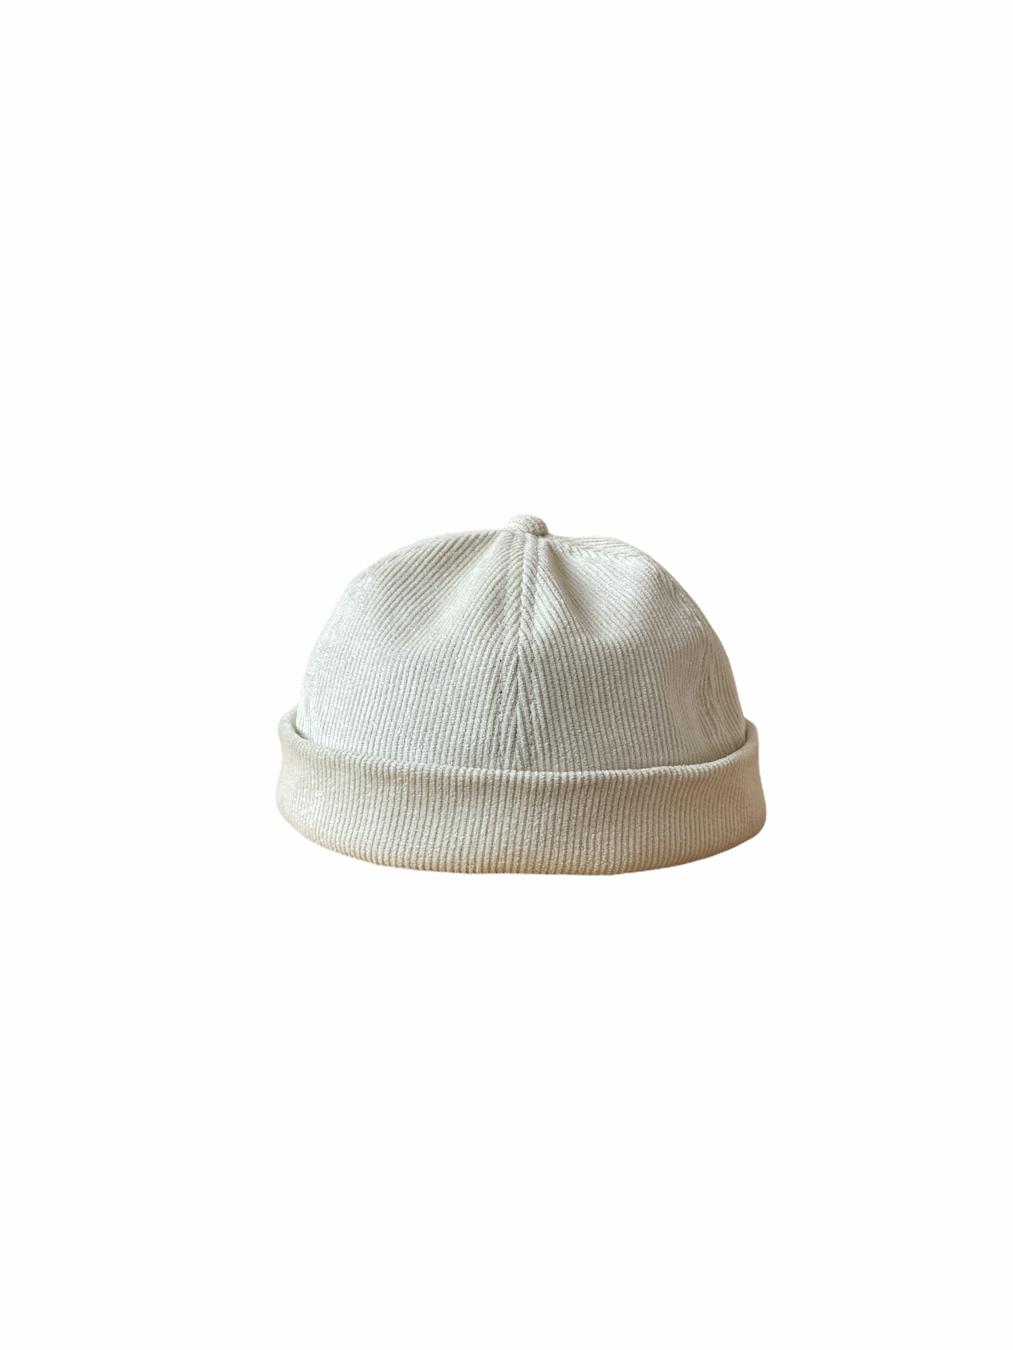 Miki Cap (Off-White)